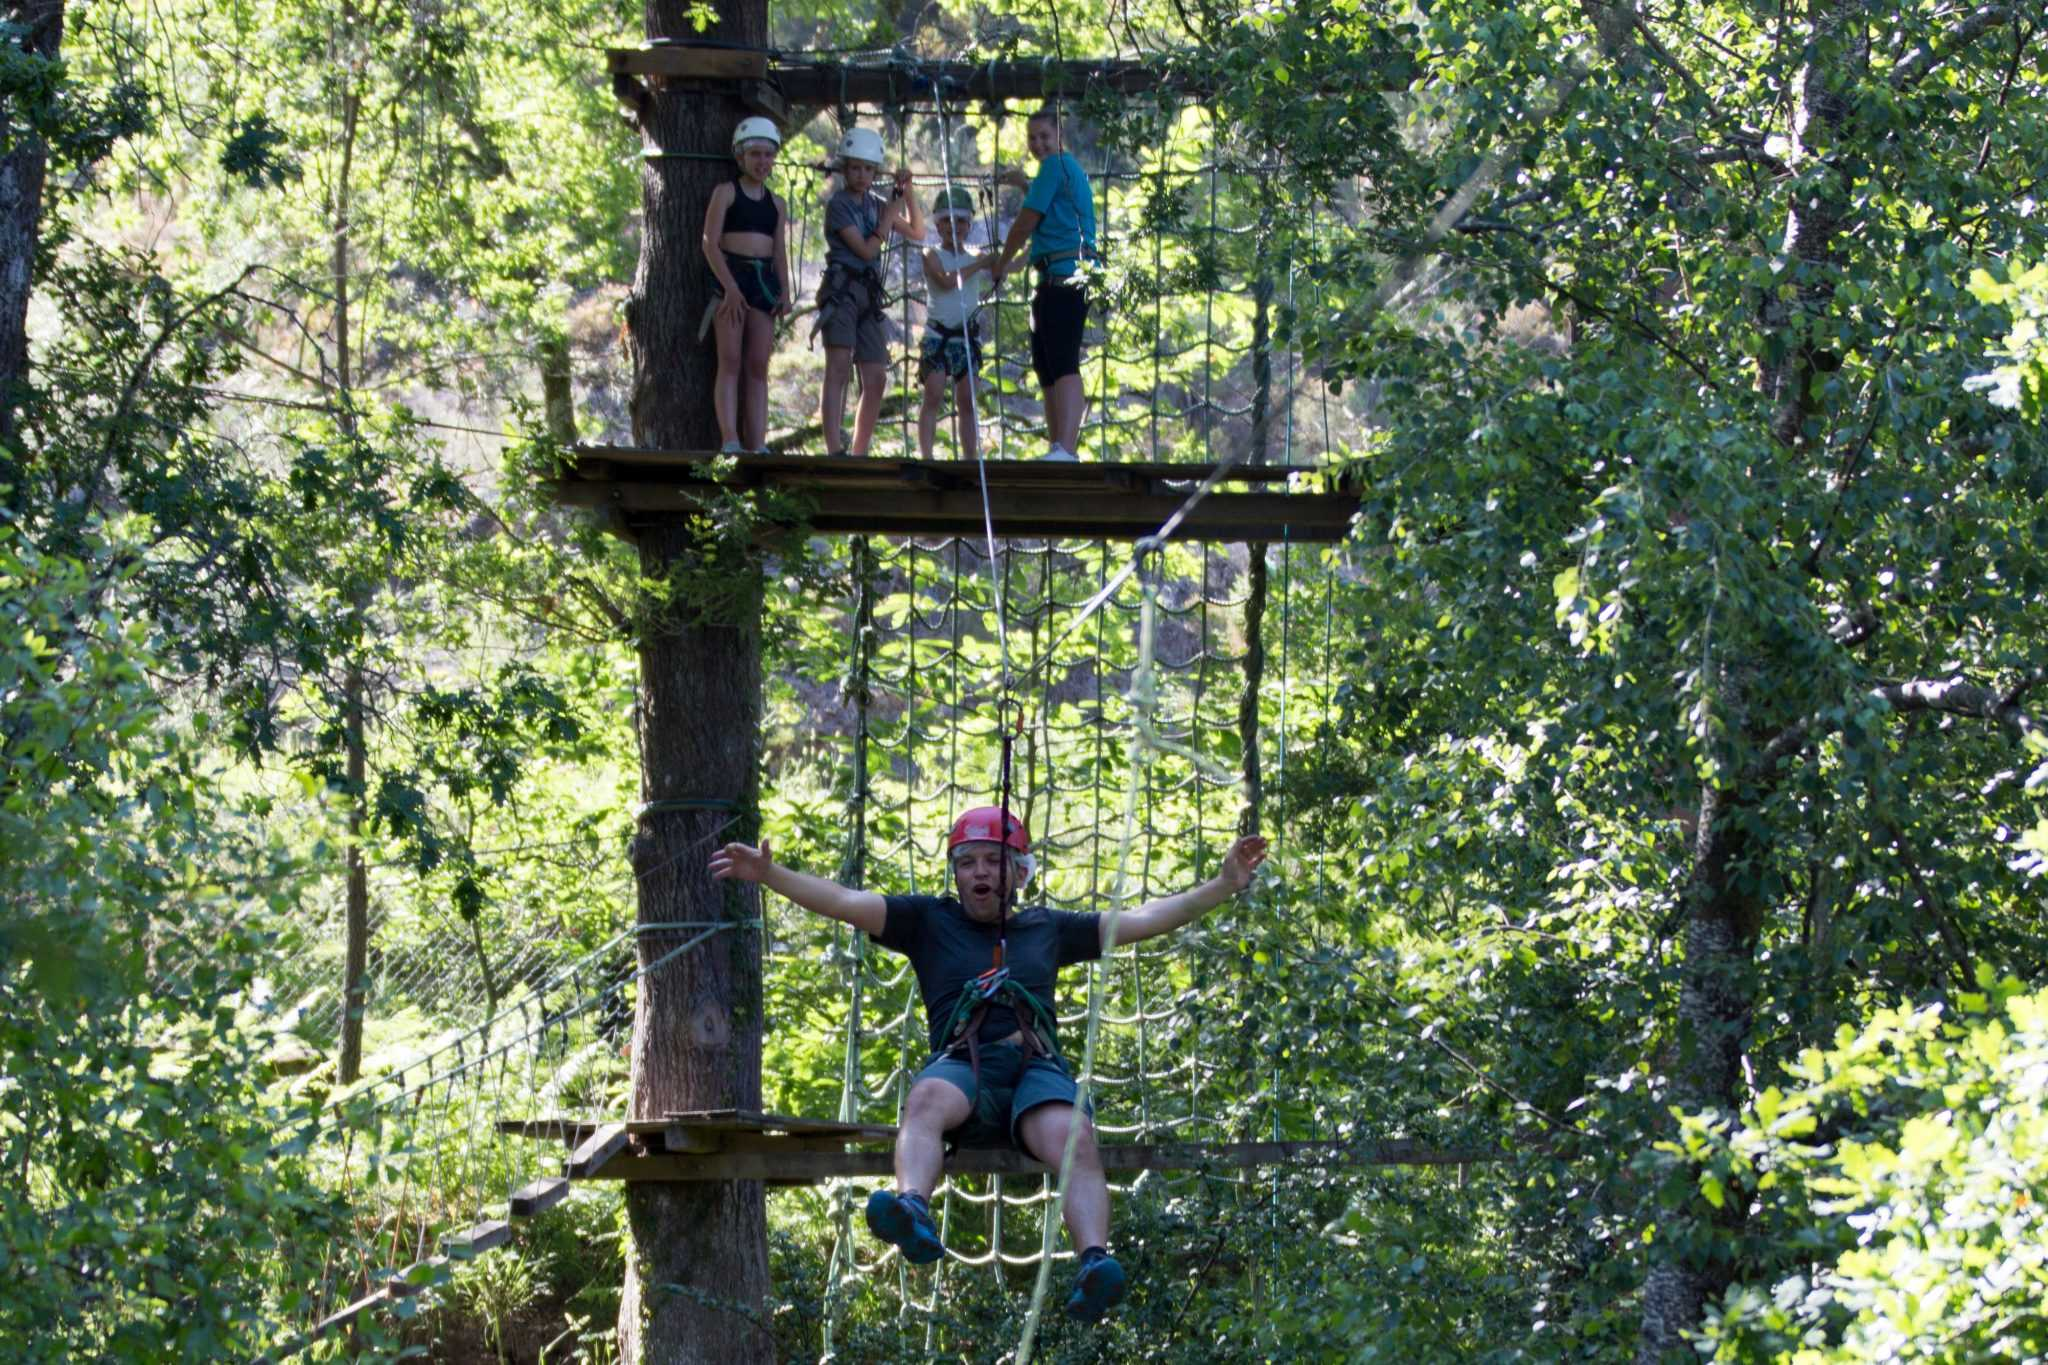 Parque aventura Parque Cerdeira